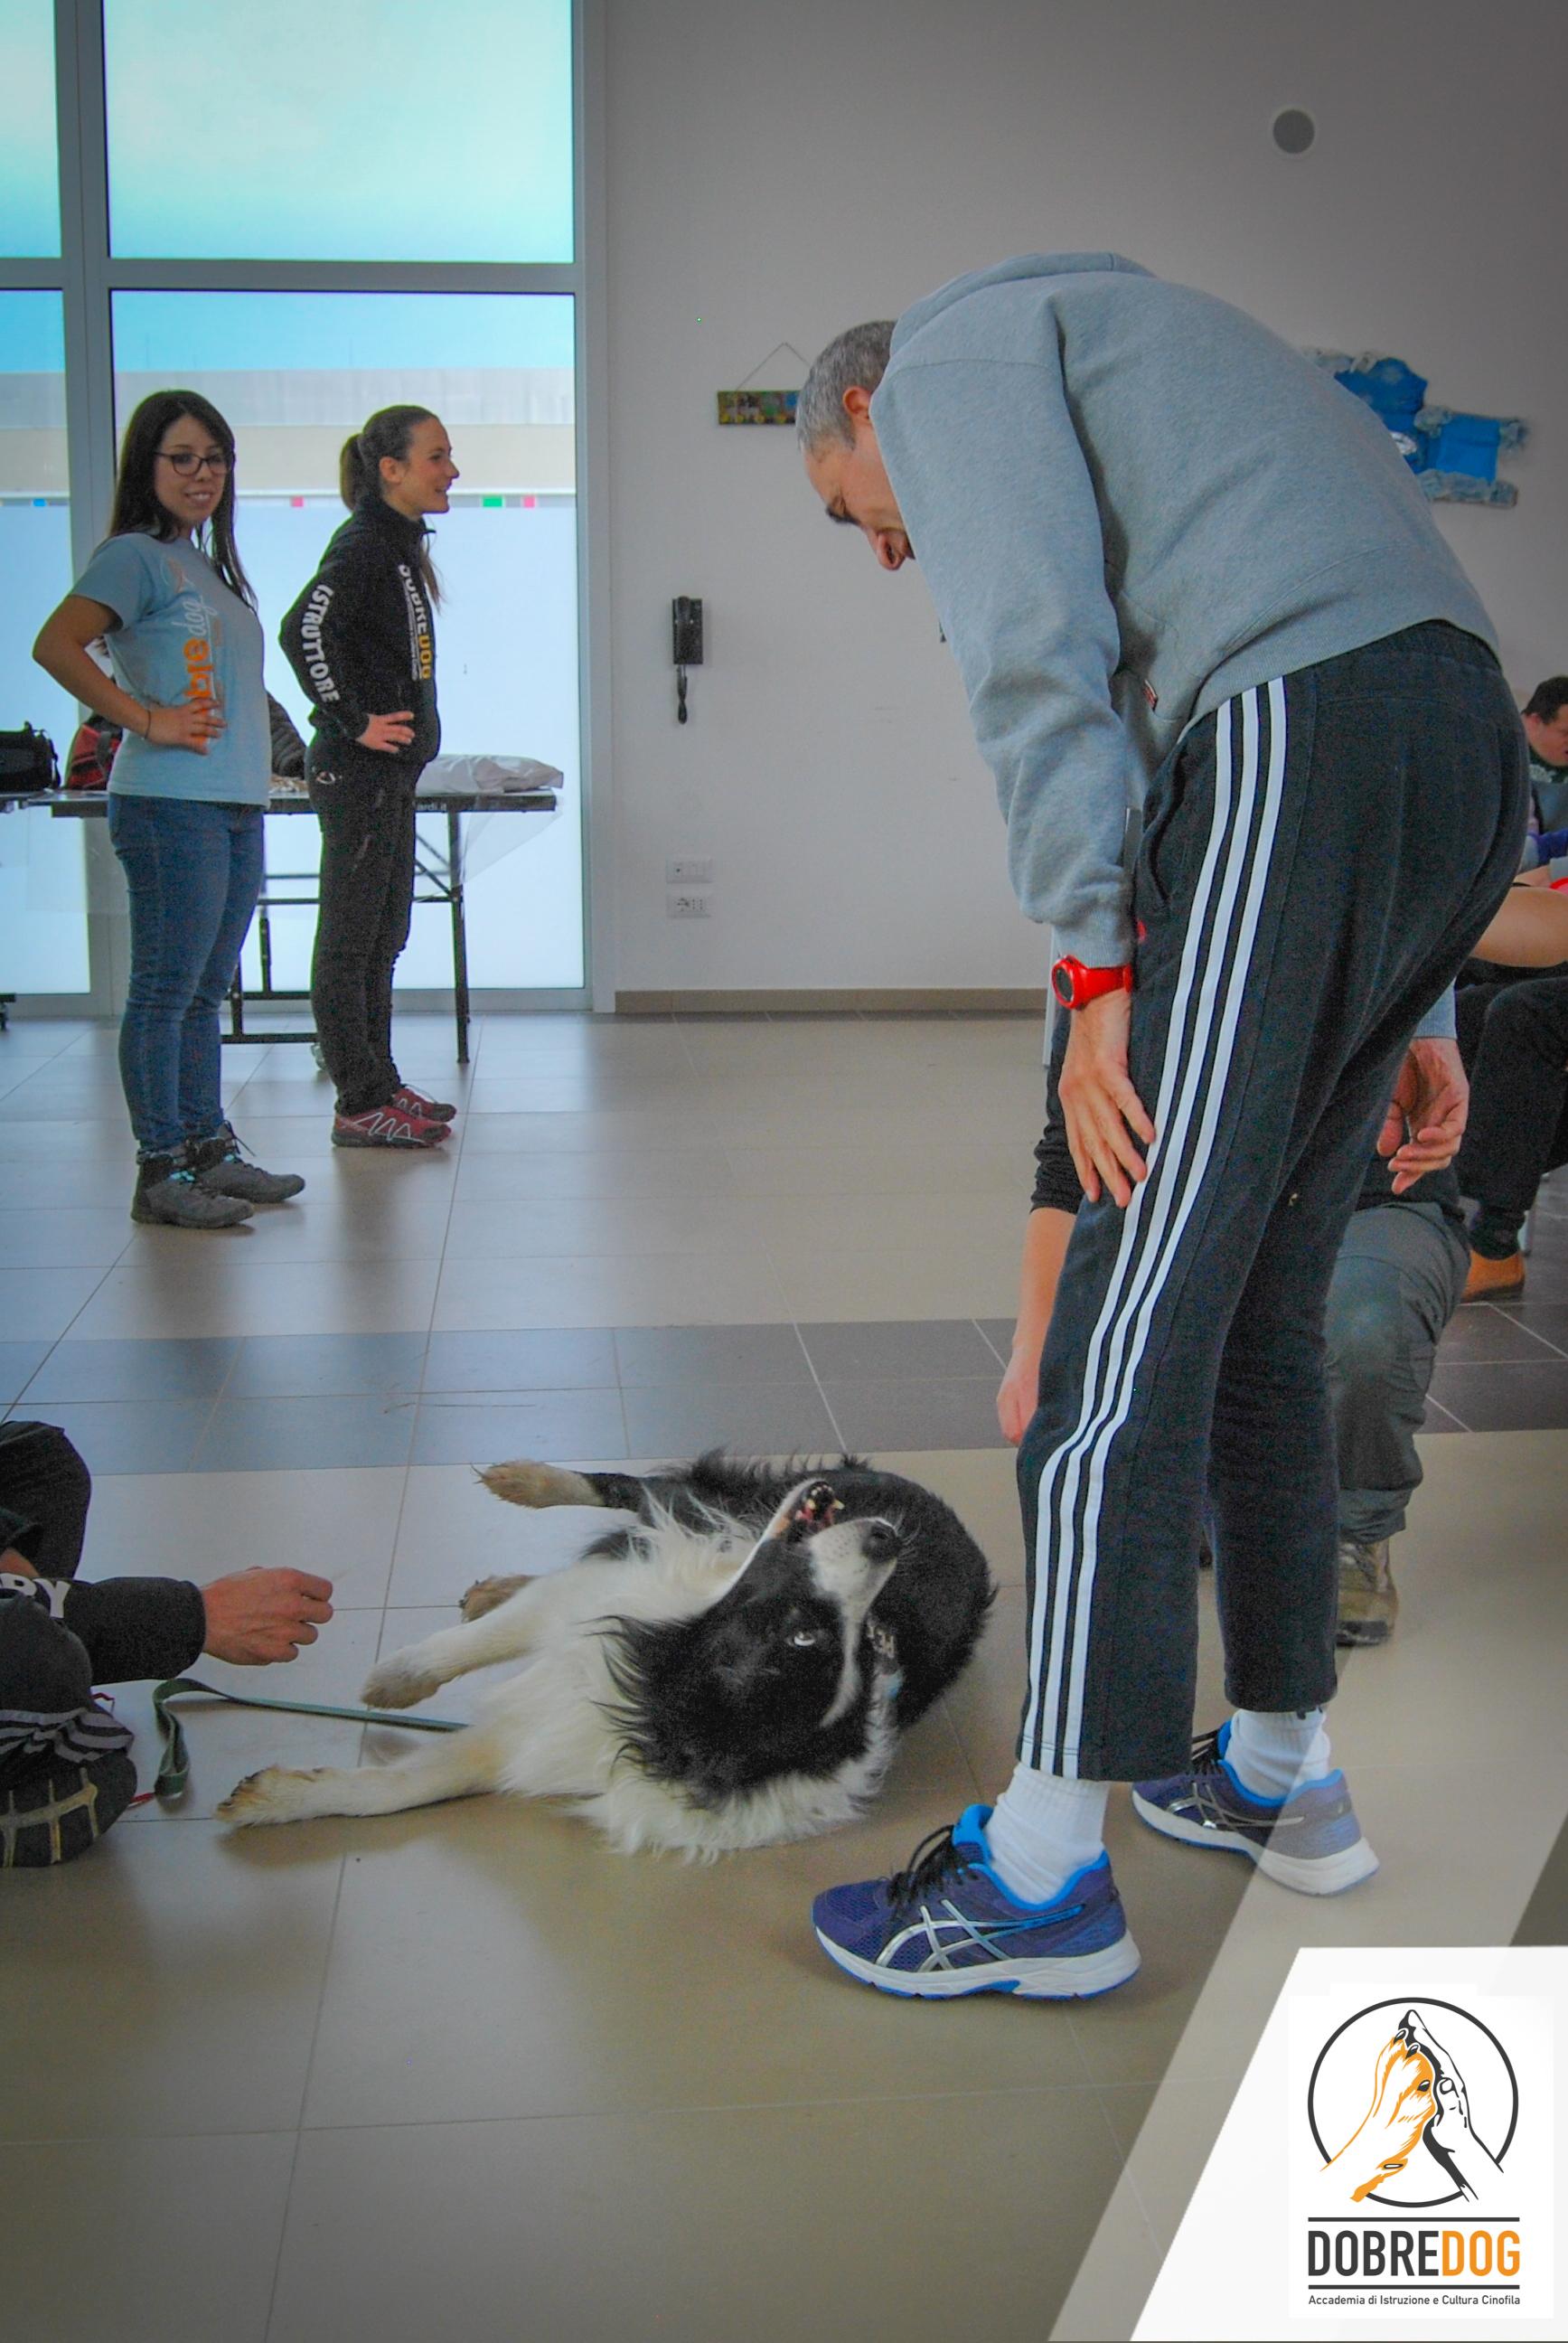 Progetto Pet Therapy persone e cani in movimento Centro Cinofilo Dobredog Pisa